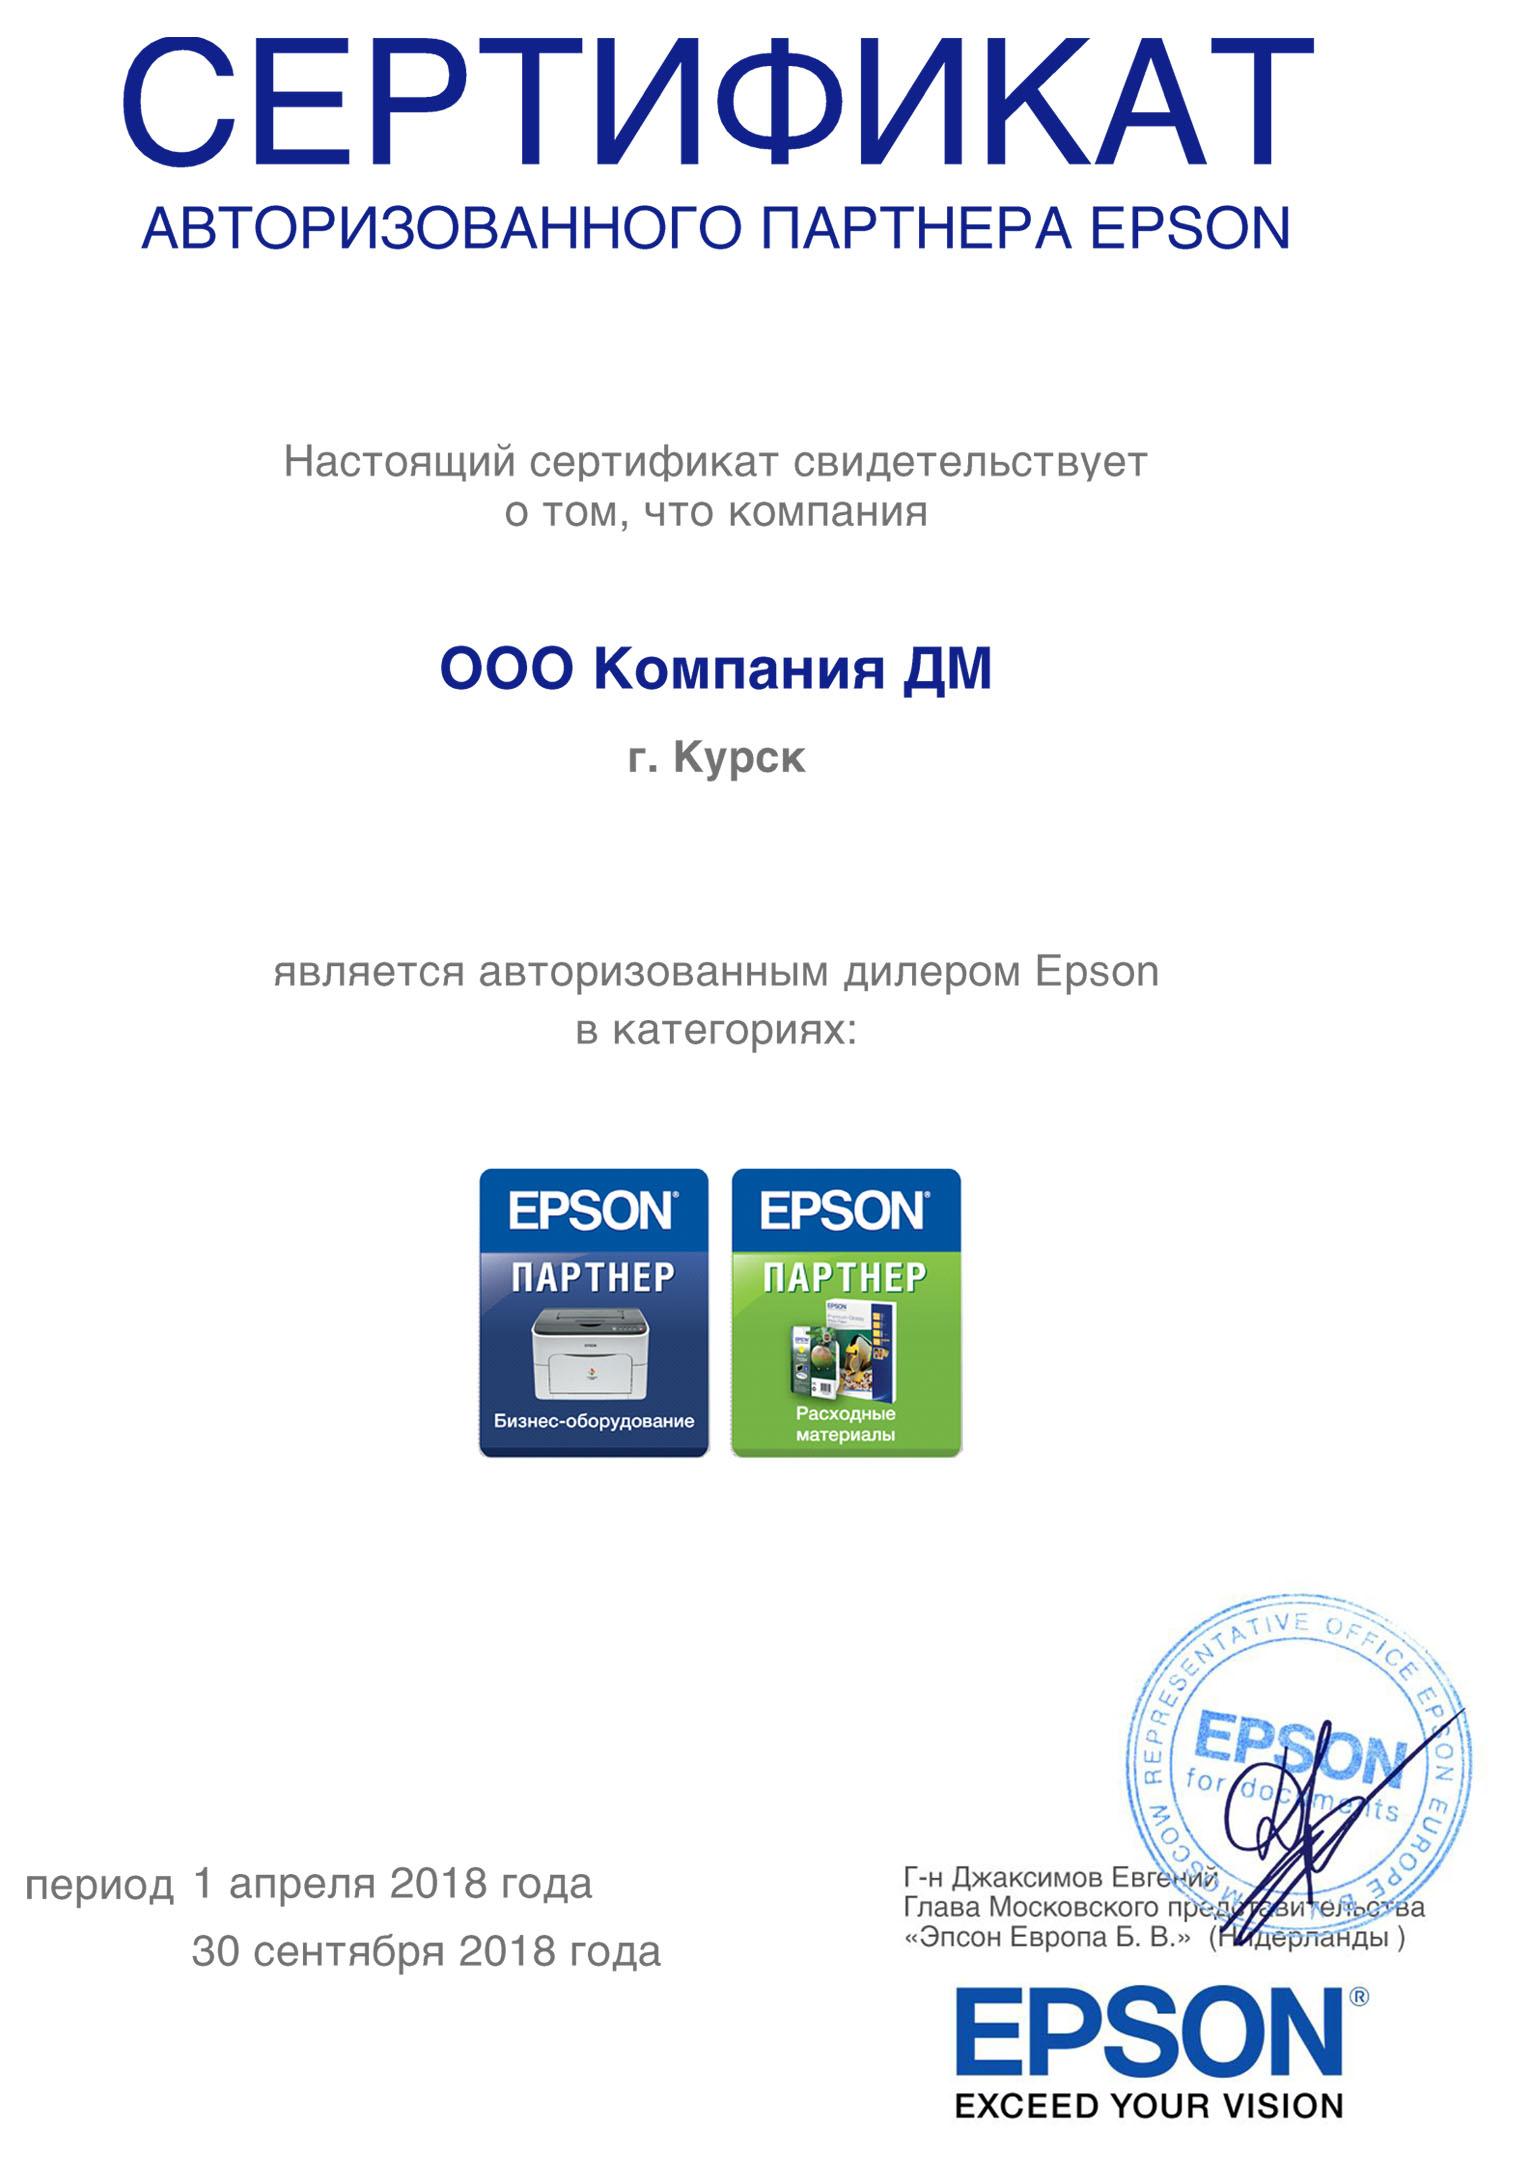 Сертификат партнера Epson для компании DM